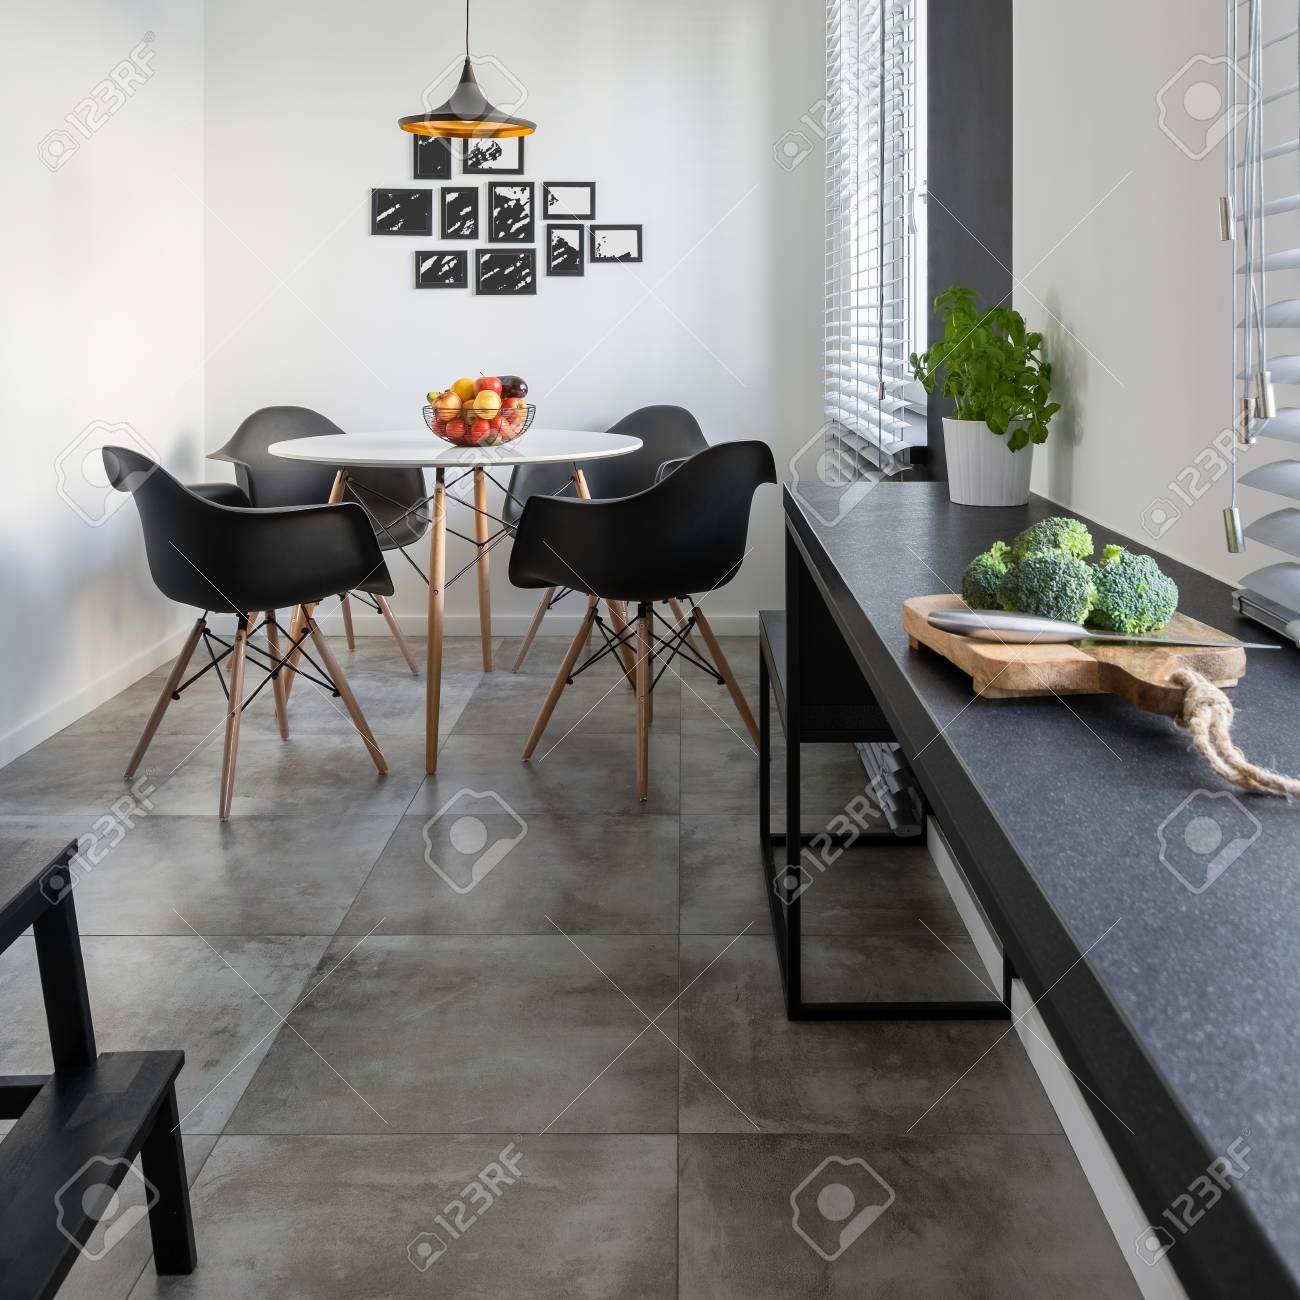 Cocina Con Encimera De Granito Baldosas De Hormigon Y Mesa Redonda